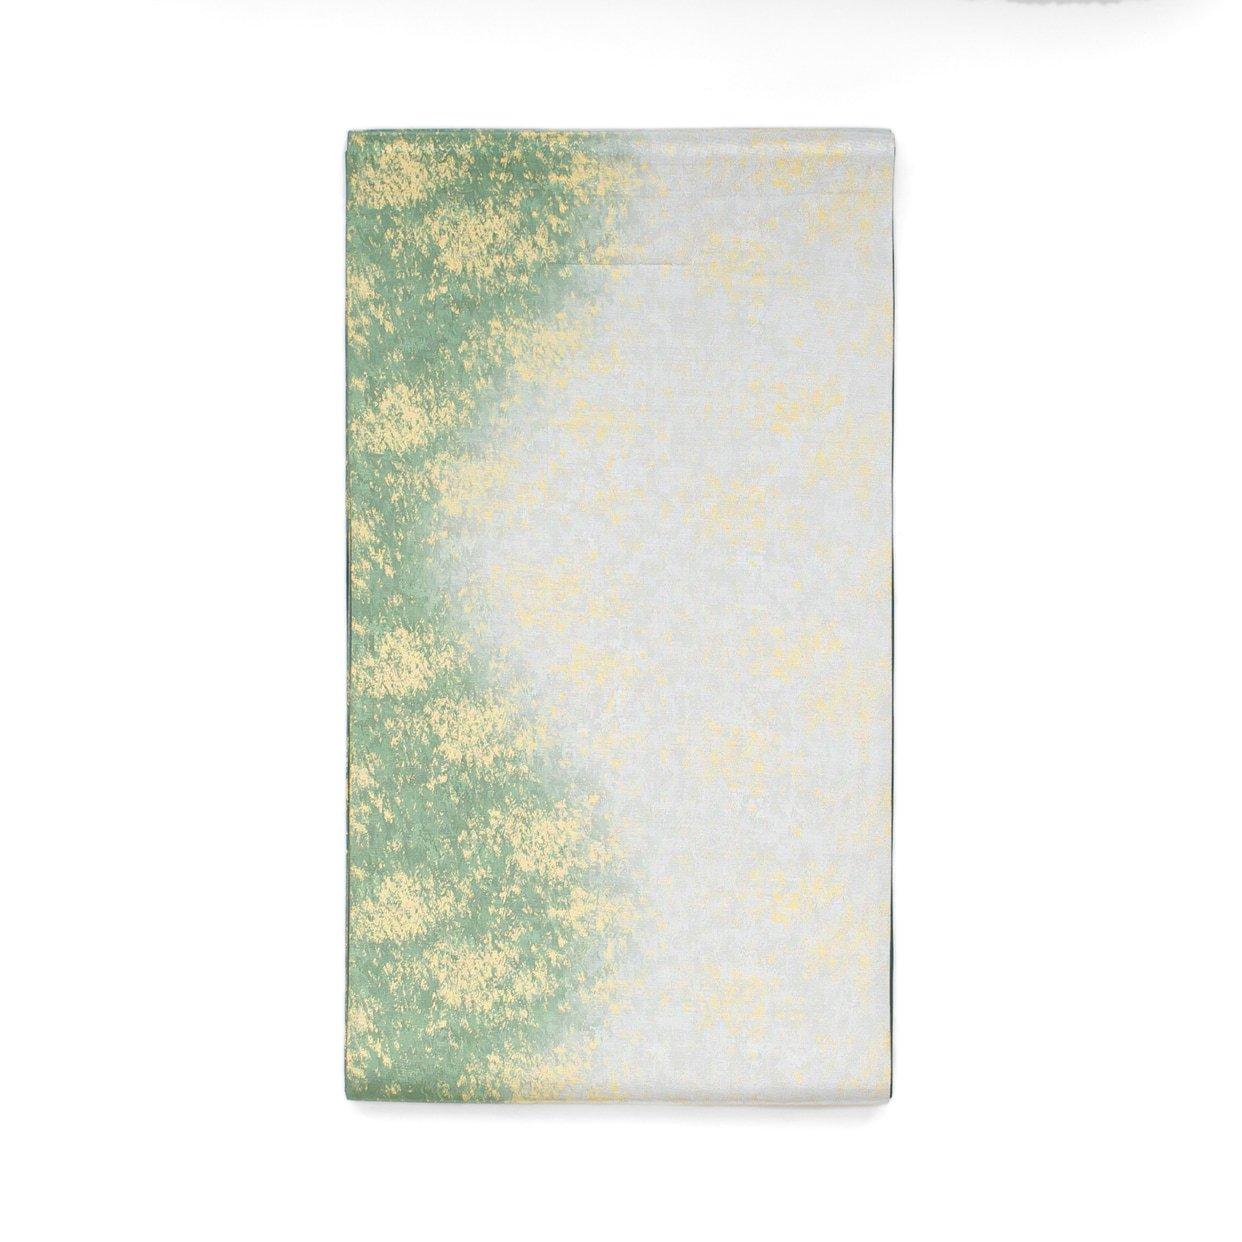 「袋帯●緑と銀の霞」の商品画像